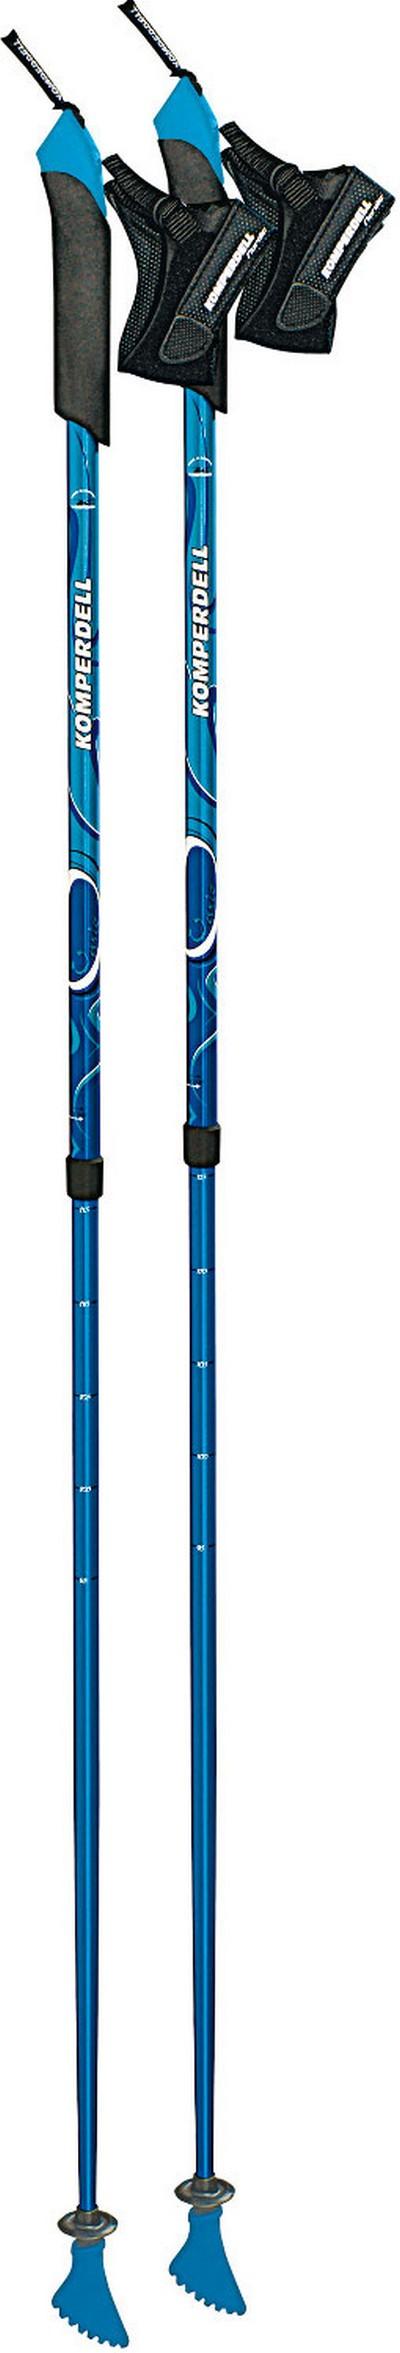 Палки для скандинавской ходьбы Komperdell Spirit Vario blue фото